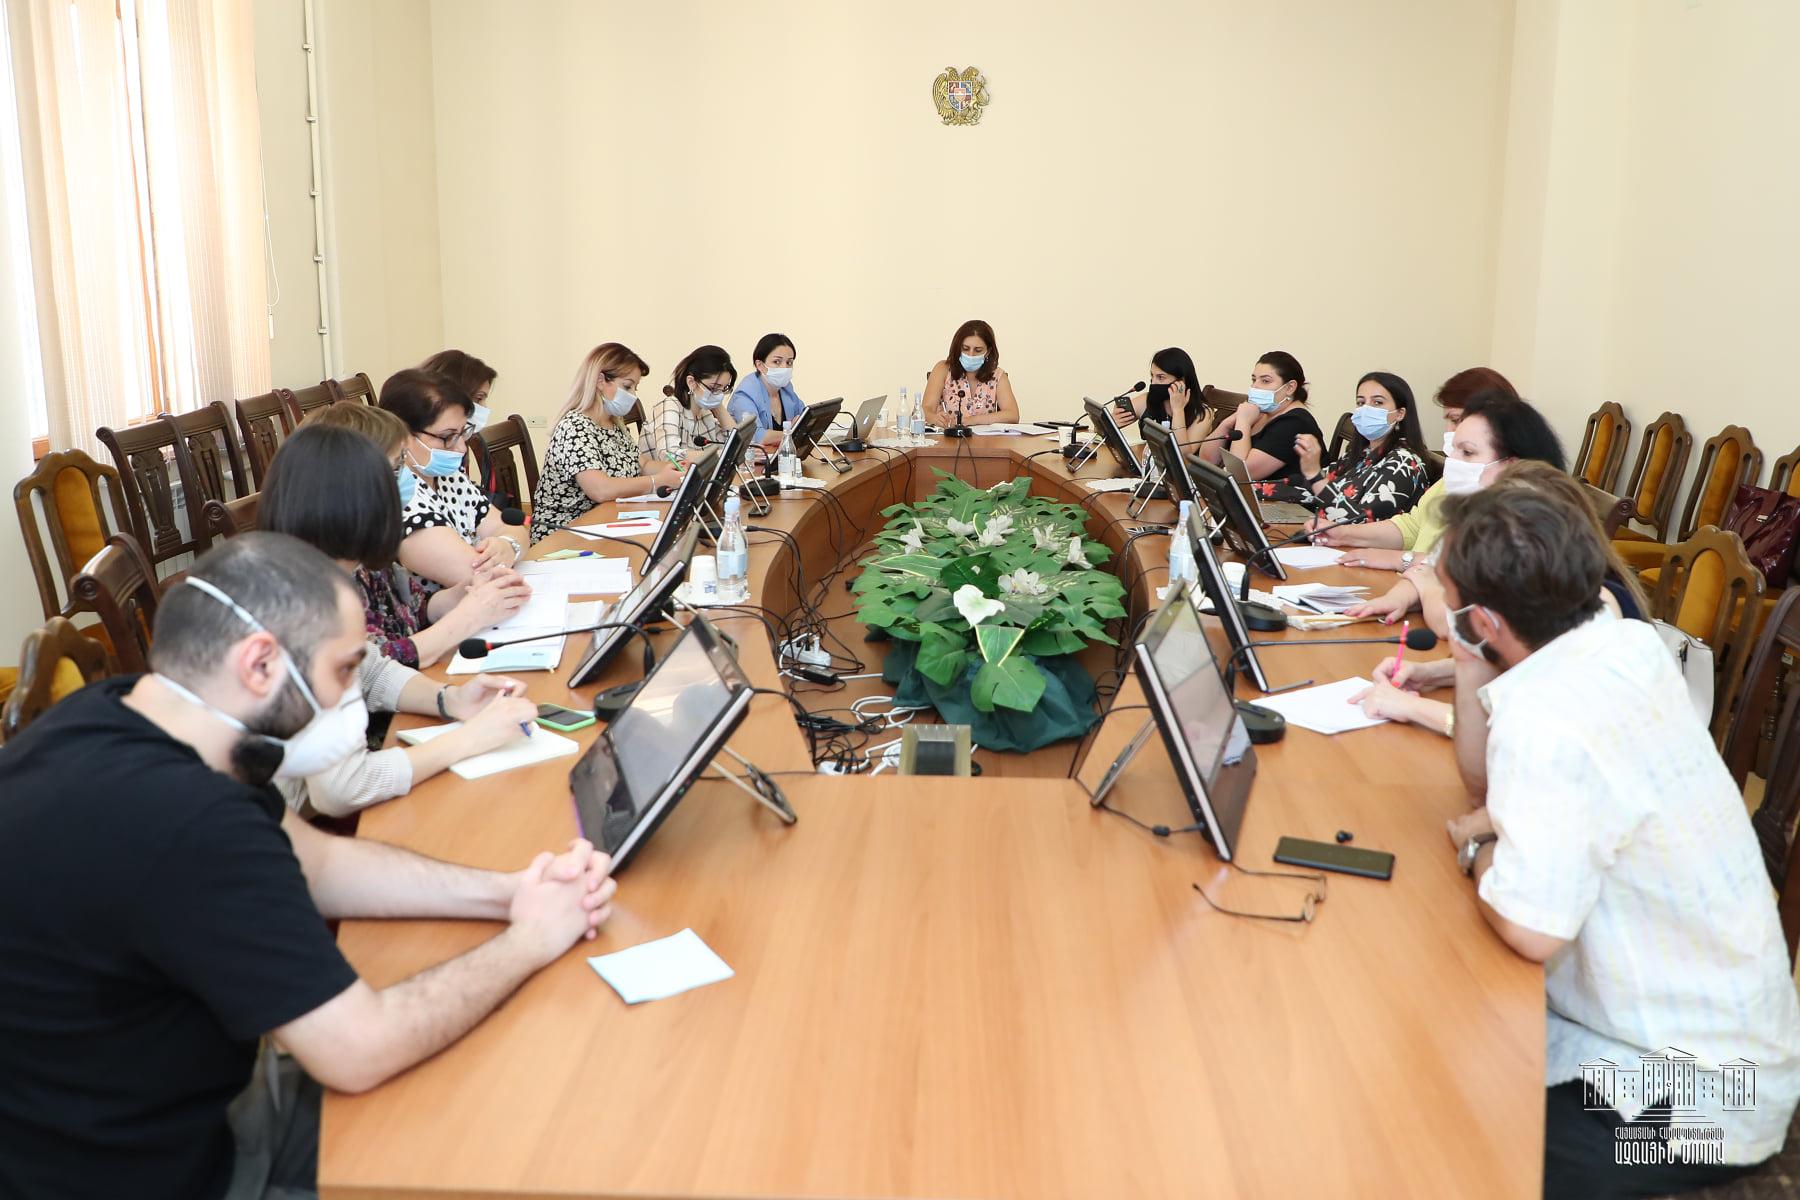 Photo of Ազգային ժողովում տեղի է ունեցել աշխատանքային հանդիպում կրթության ոլորտի արդիական թեմաների վերաբերյալ